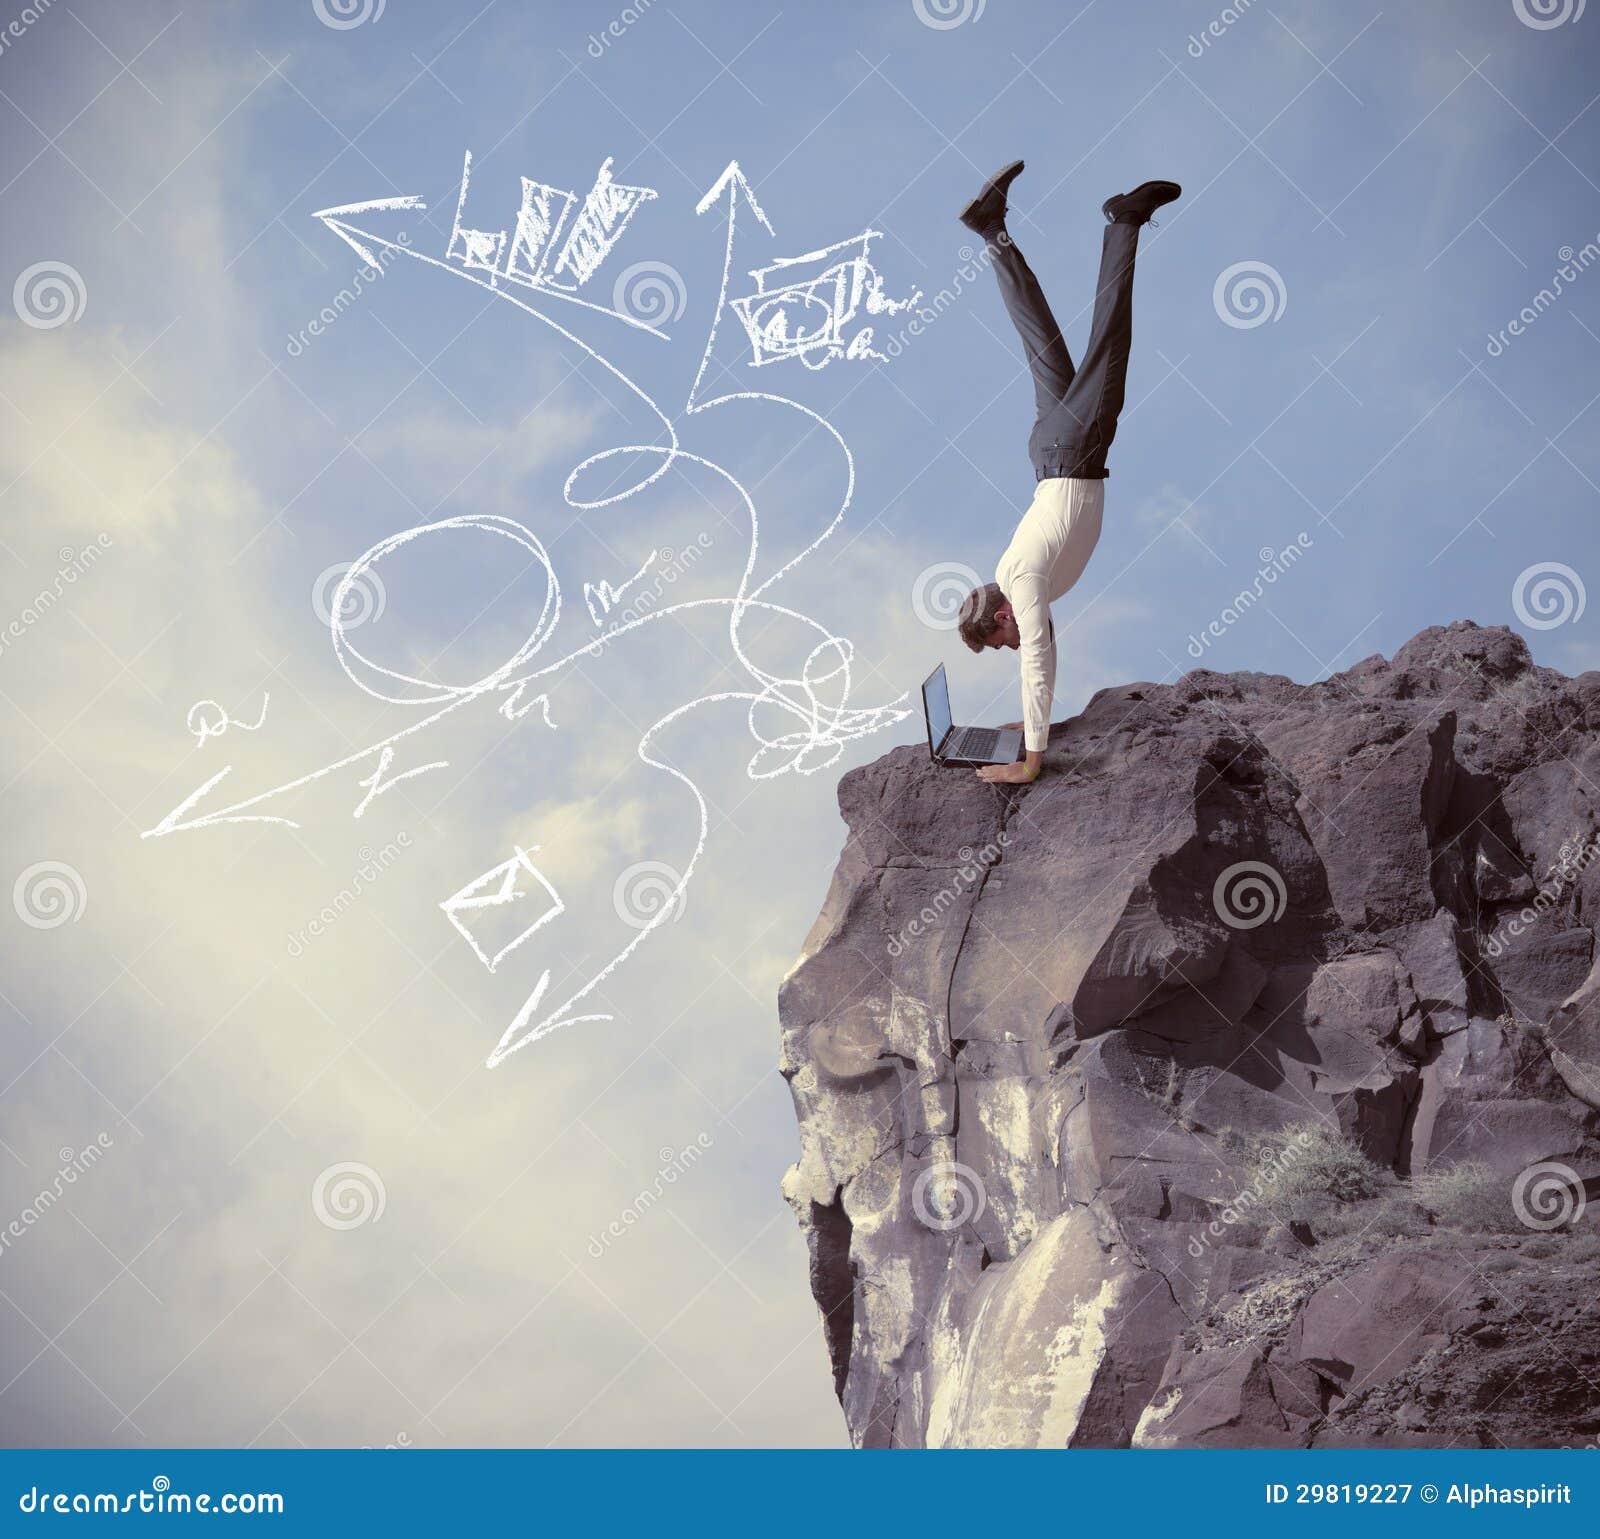 企业生命力的风险和挑战